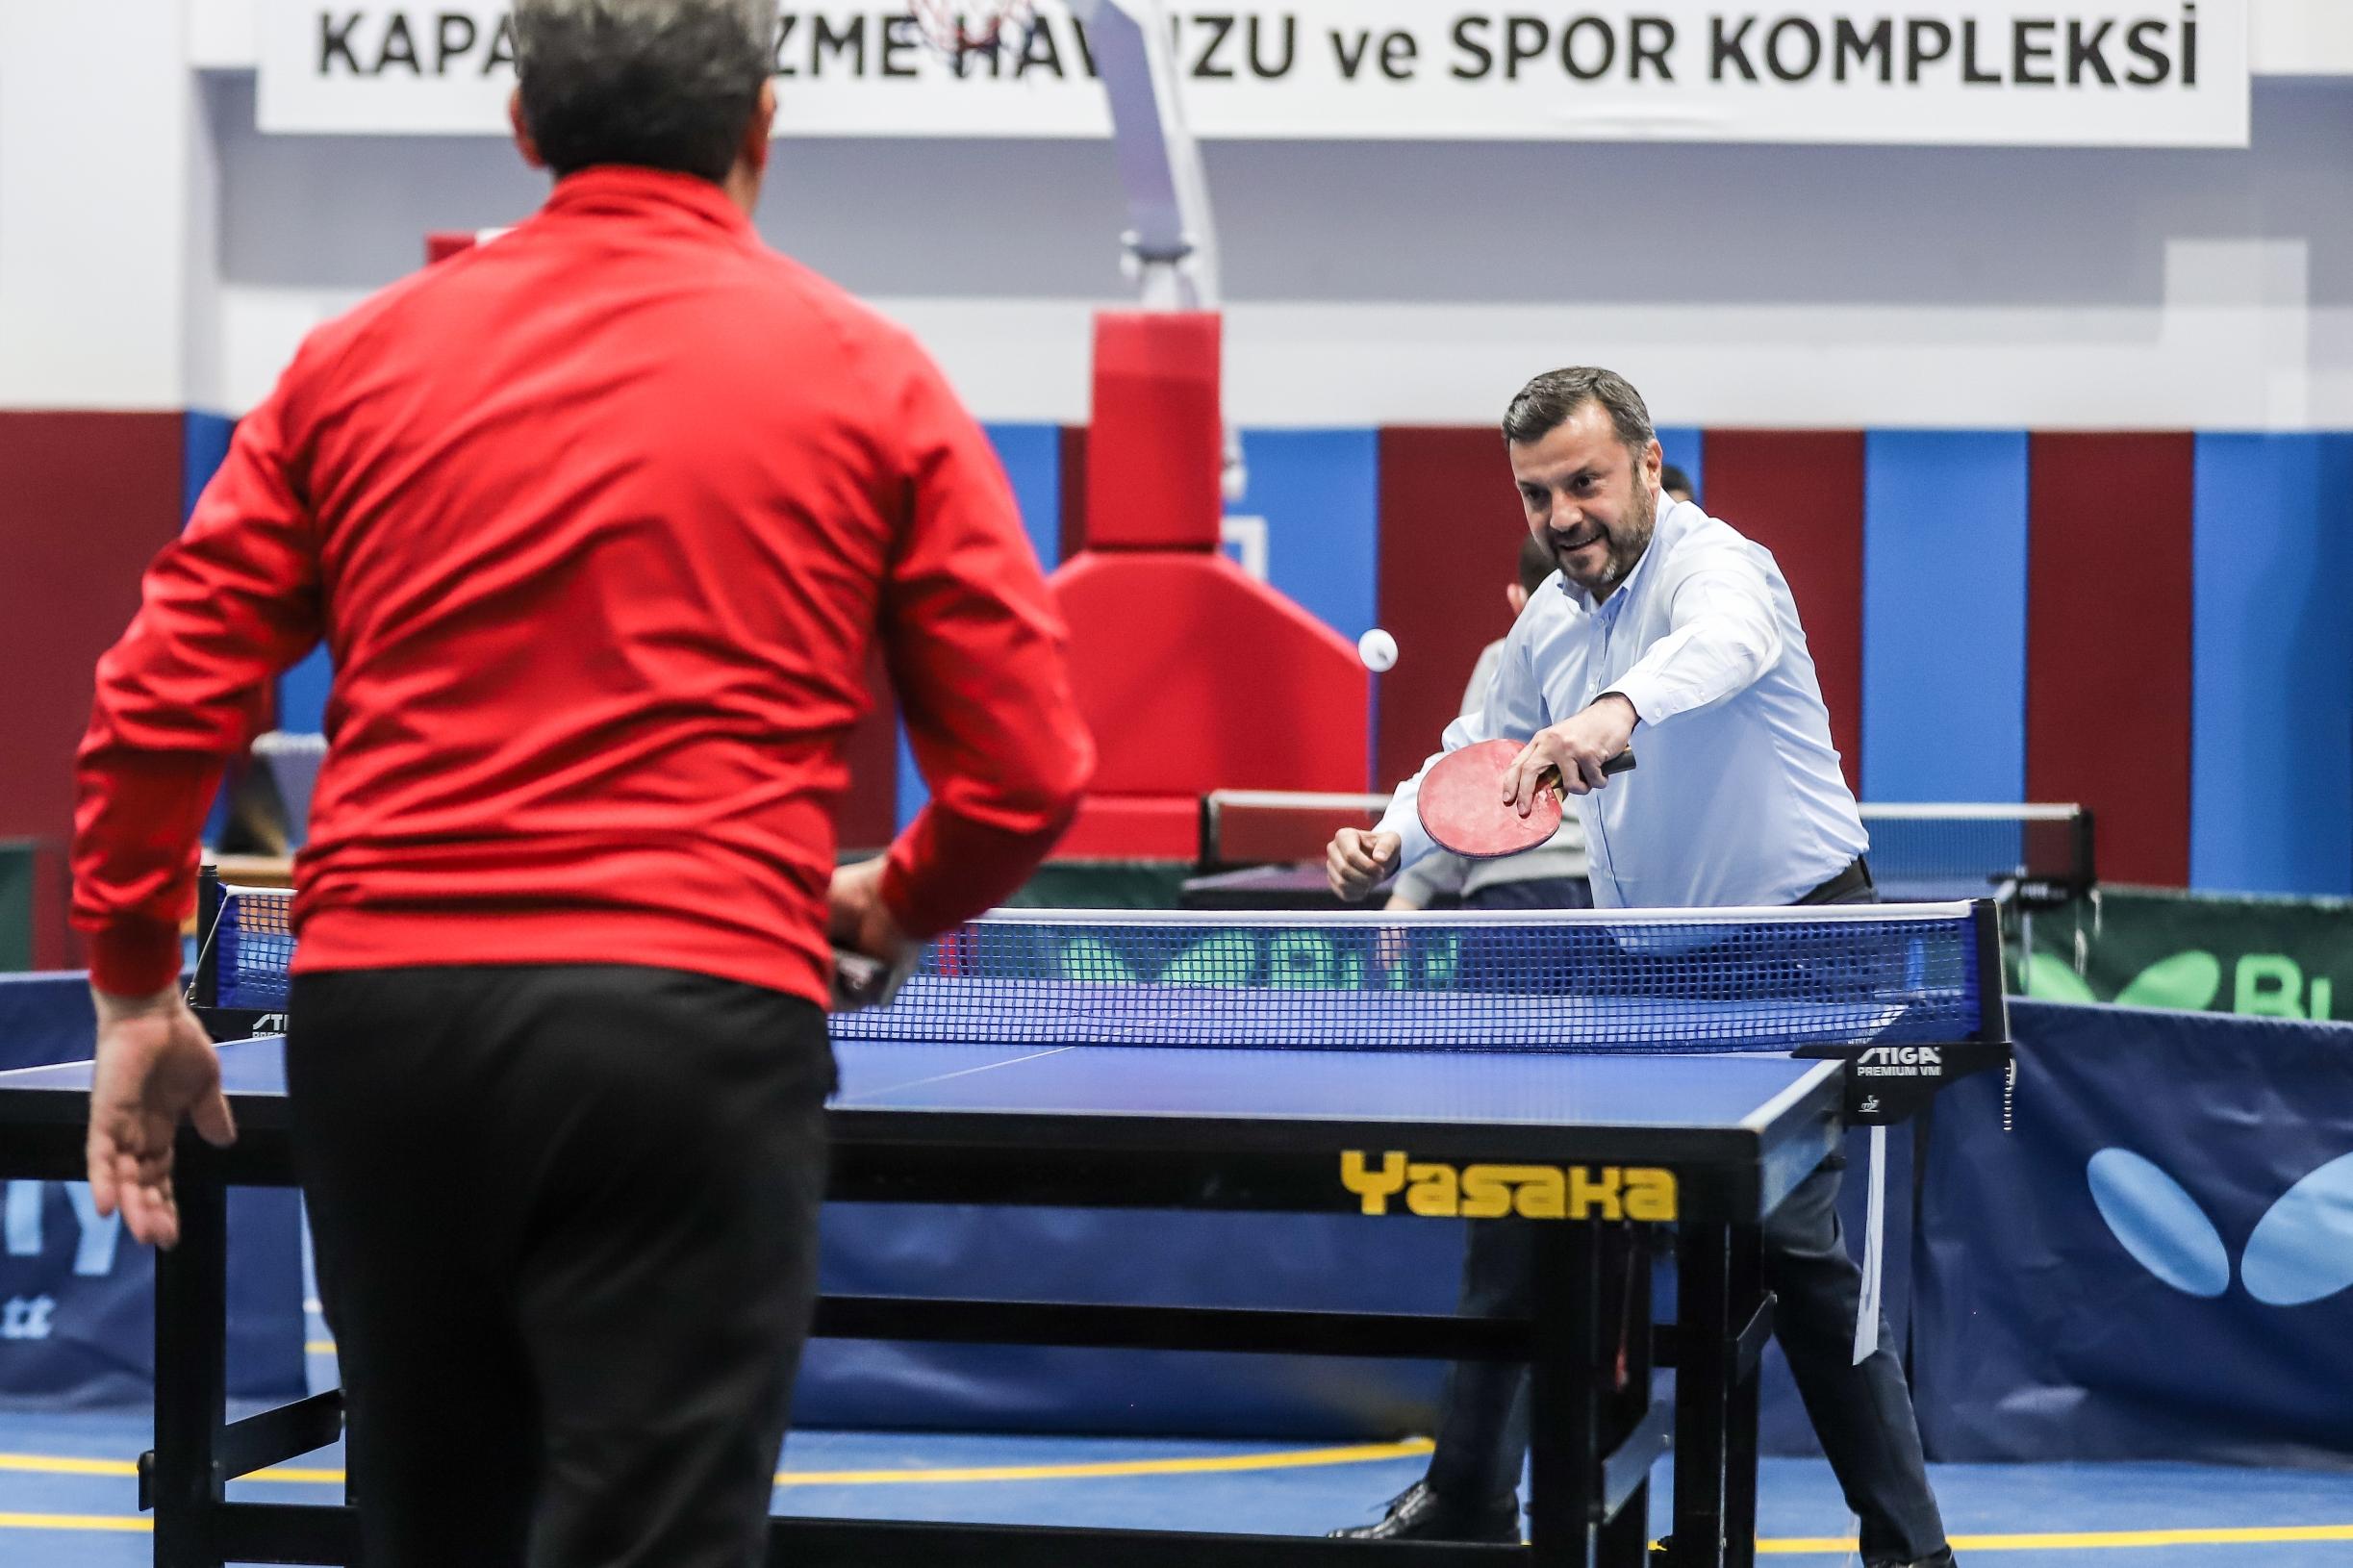 Yüreğir Belediyesi Masa Tenisi Turnuvası Nefes Kesti